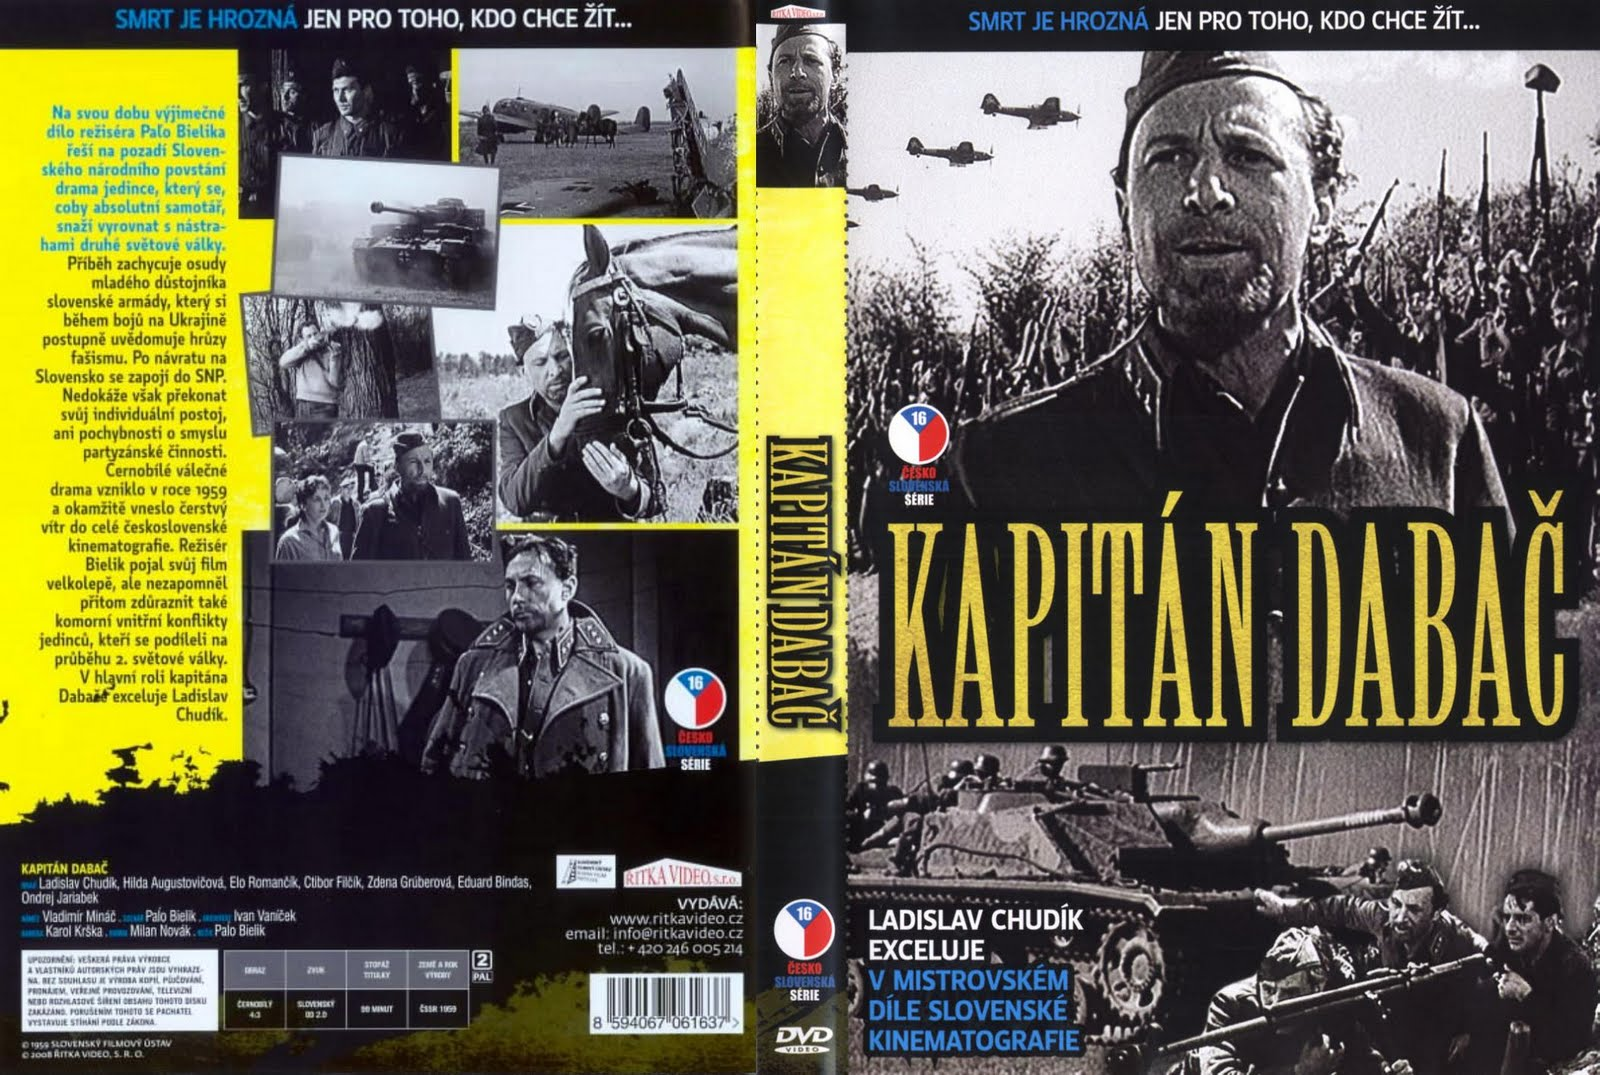 http://2.bp.blogspot.com/-li8ZW_D2lj0/TfTojI1PQeI/AAAAAAAAbyU/H6QtfwLeu_M/s1600/Kapitan_dabac.jpg